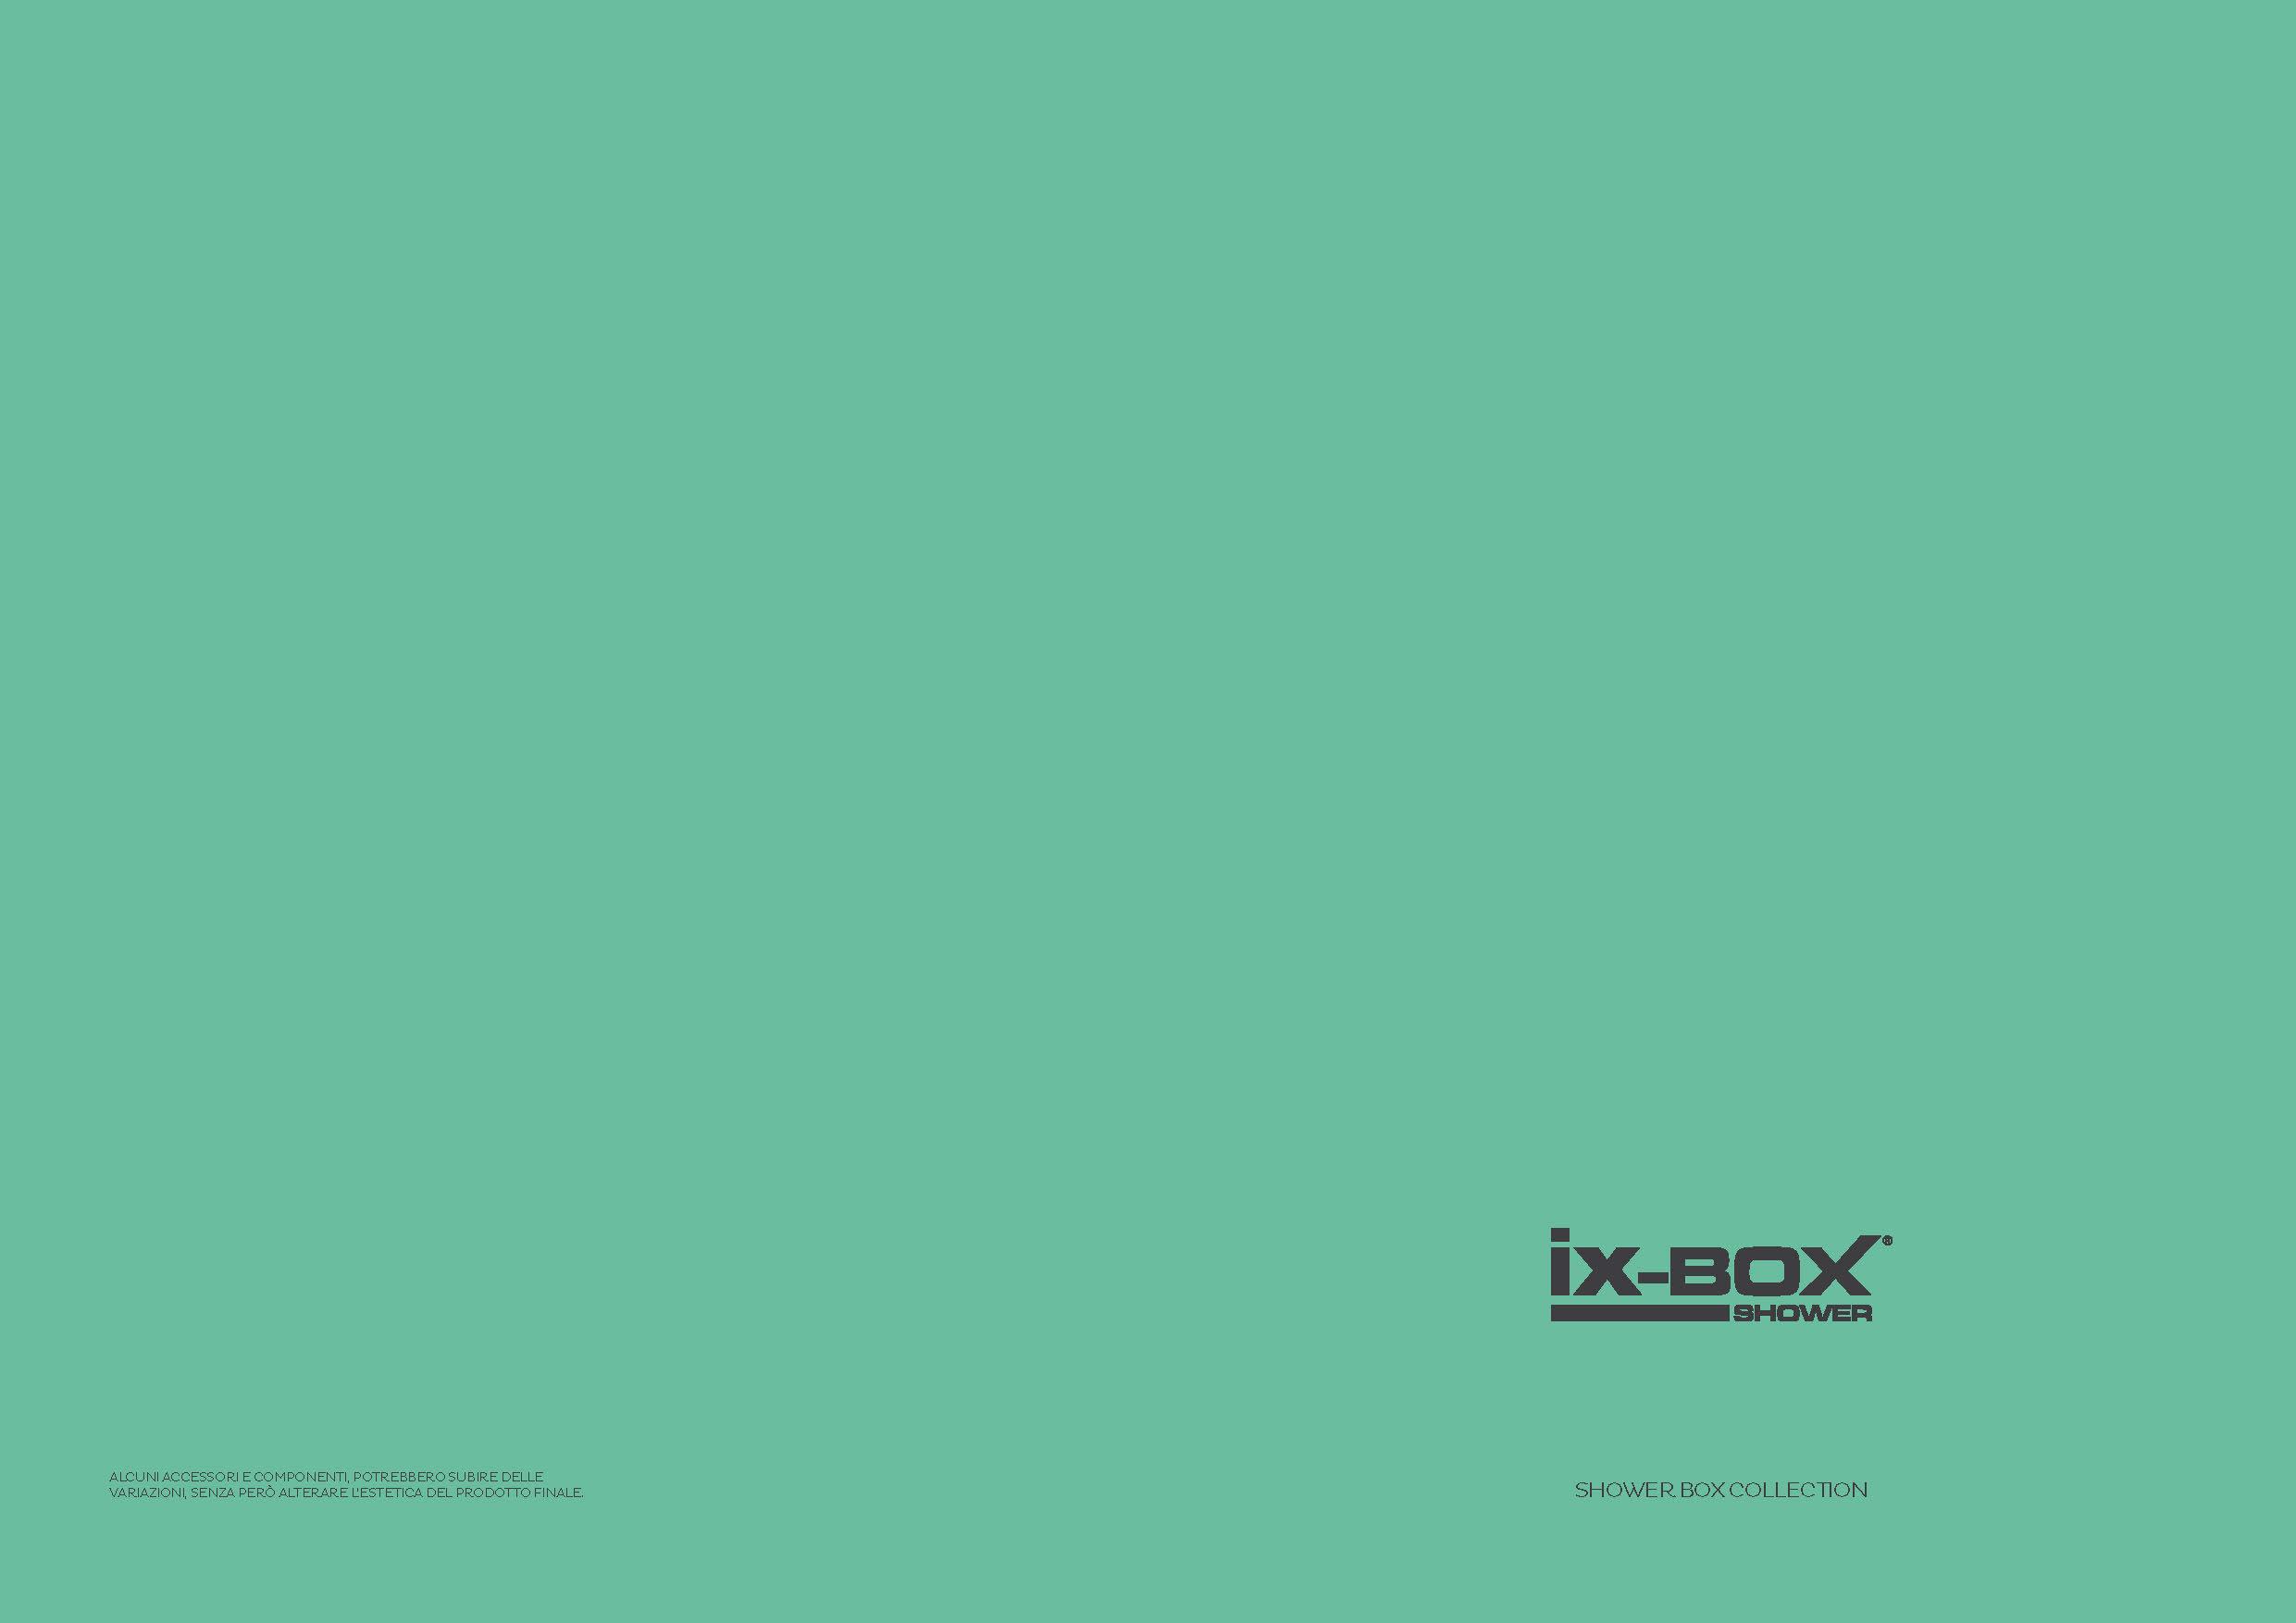 arredo bagno - ix box - Arredo Bagno Pero